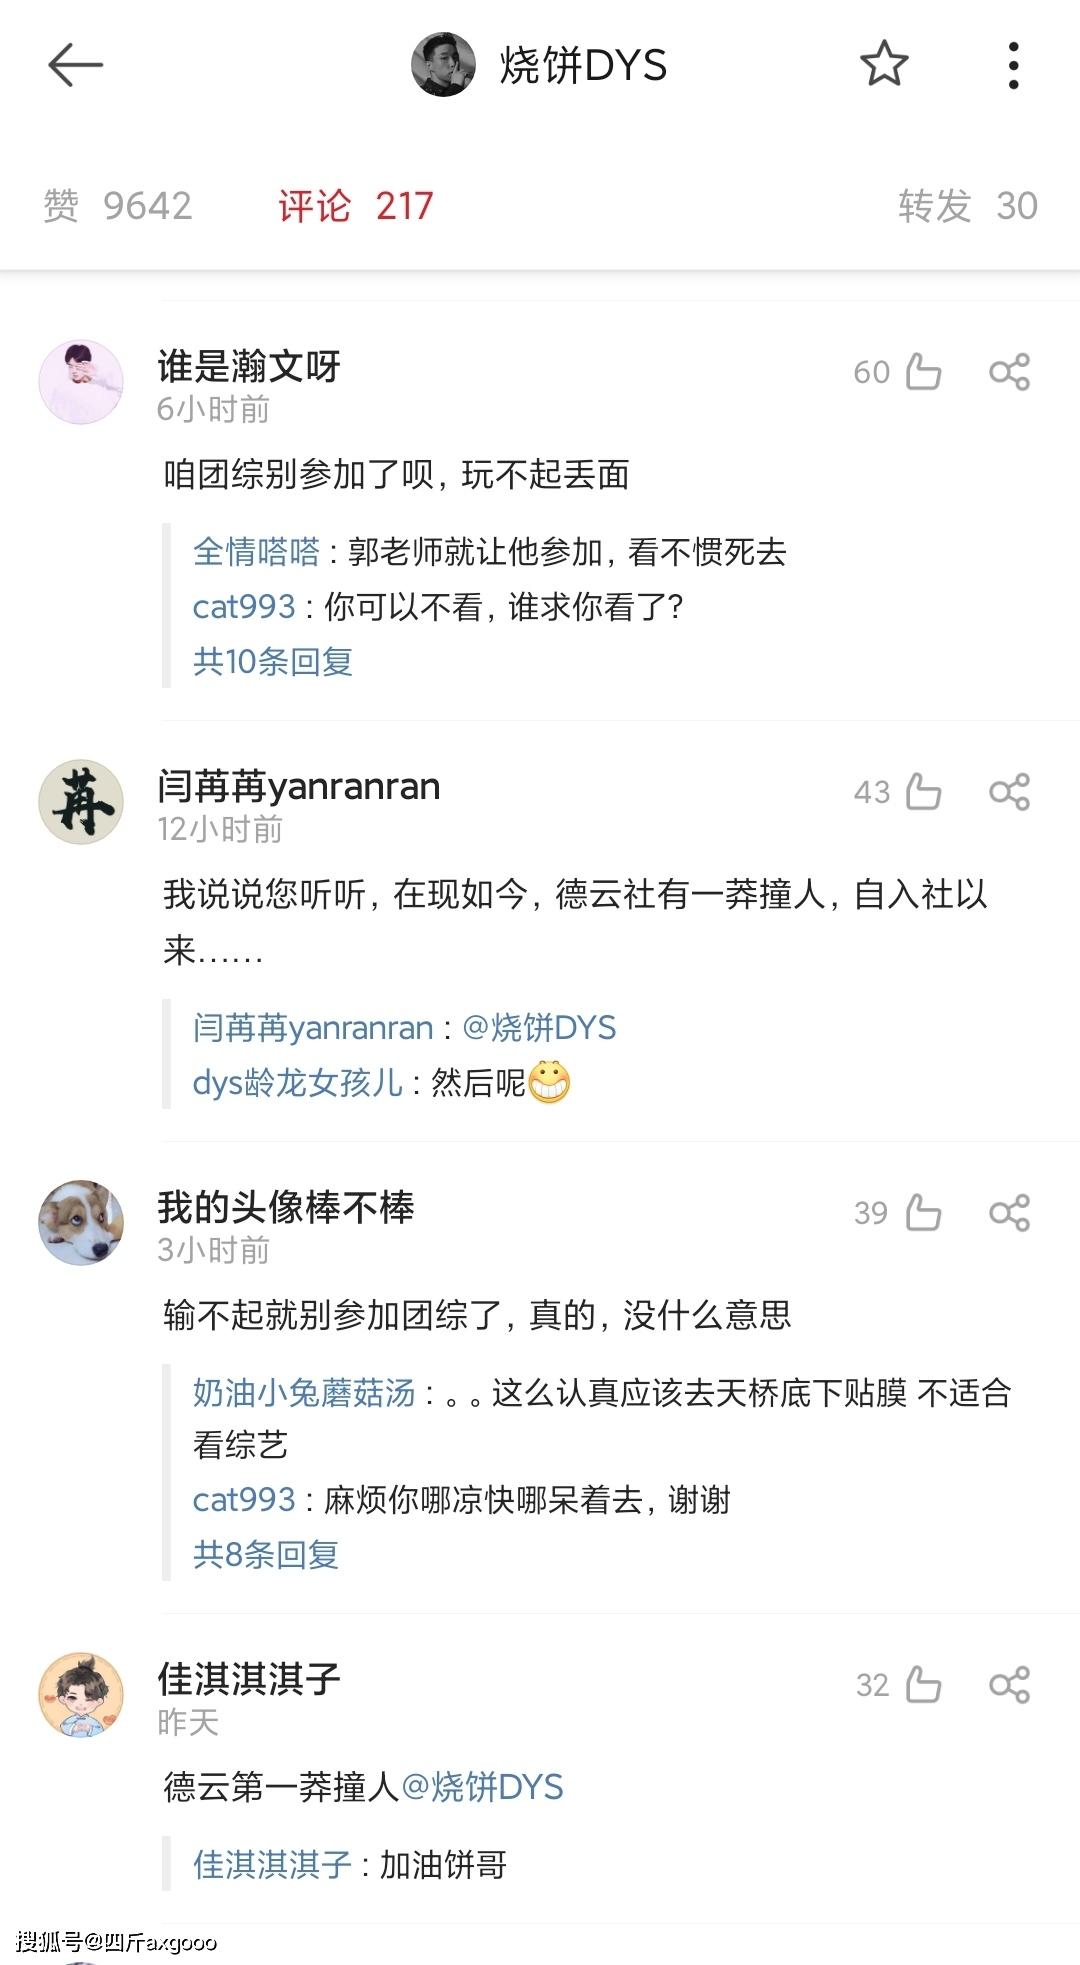 """德云社烧饼新综艺开播,网友疑似不买账,""""冷板凳""""影响了路人缘  娱乐界 第3张"""